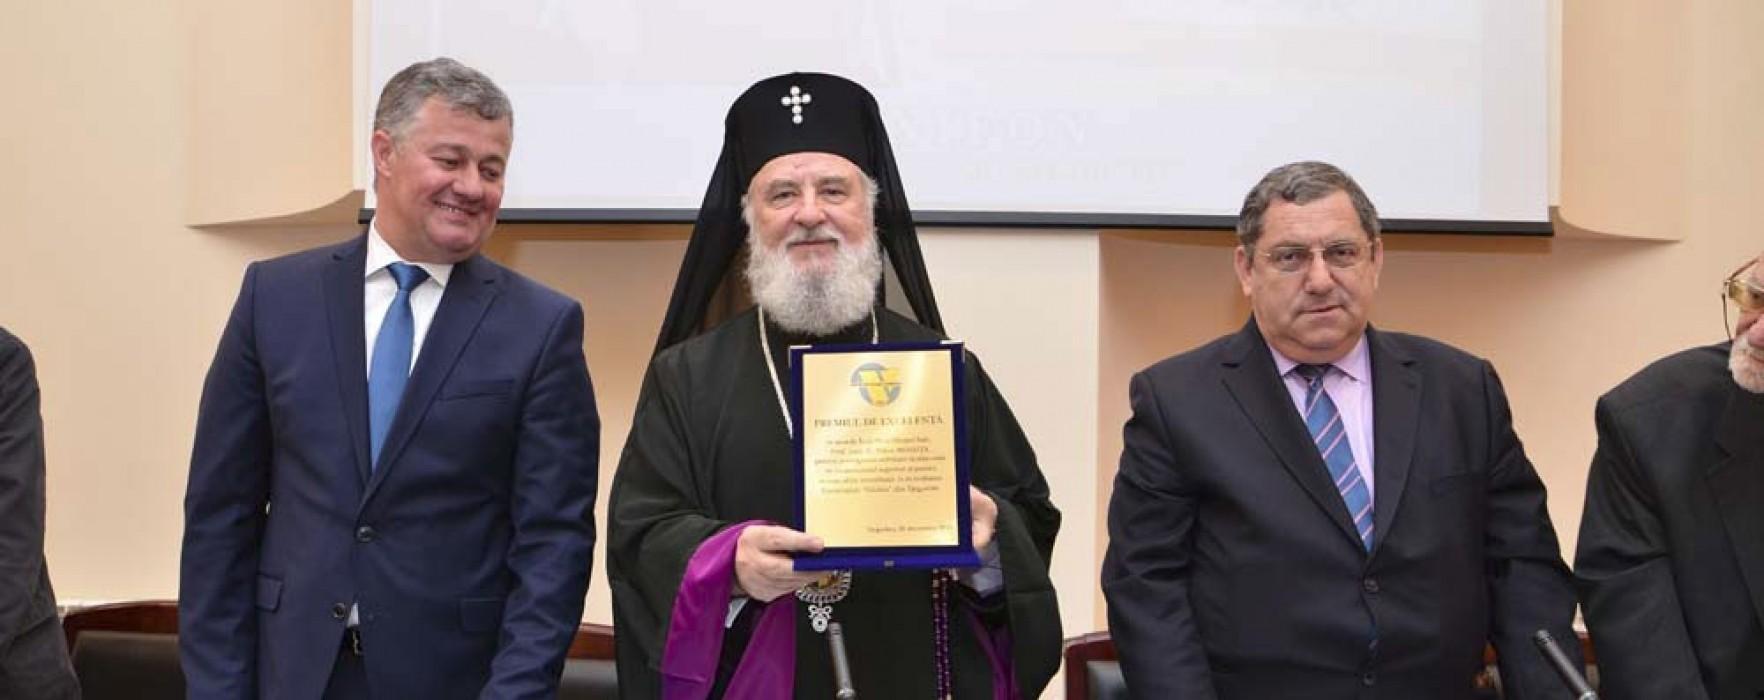 Premiu de excelenţă pentru activitatea academică pentru arhiepiscopul Târgoviştei